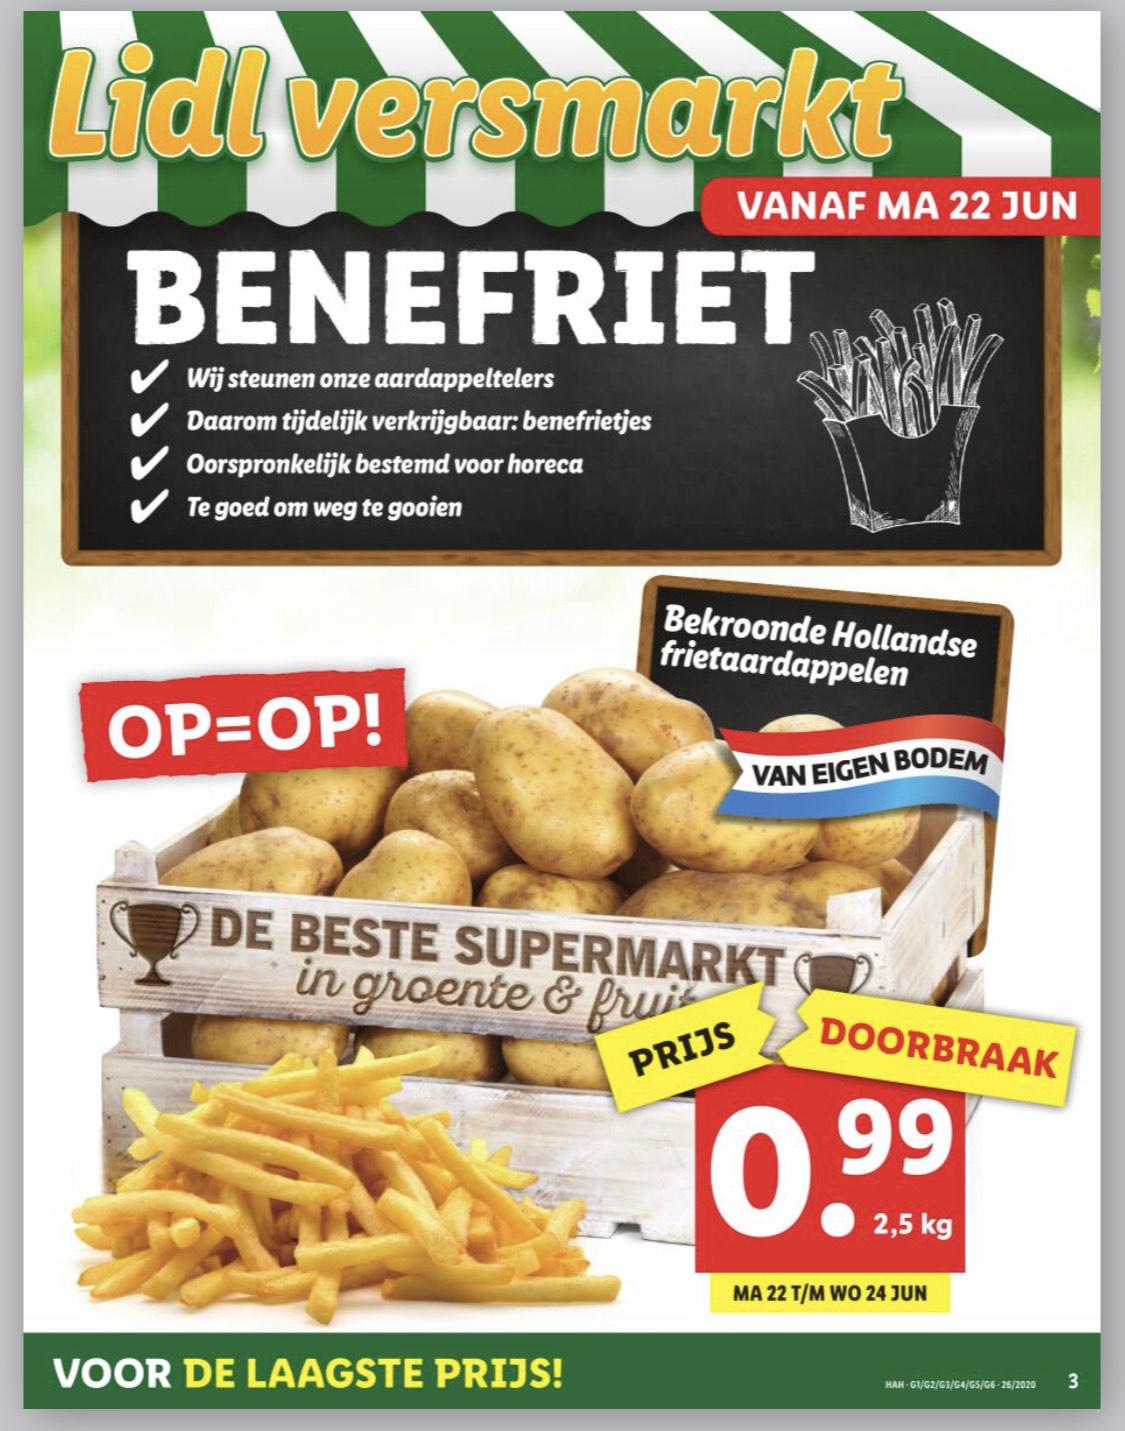 2,5kg #benefriet aardappelen @Lidl